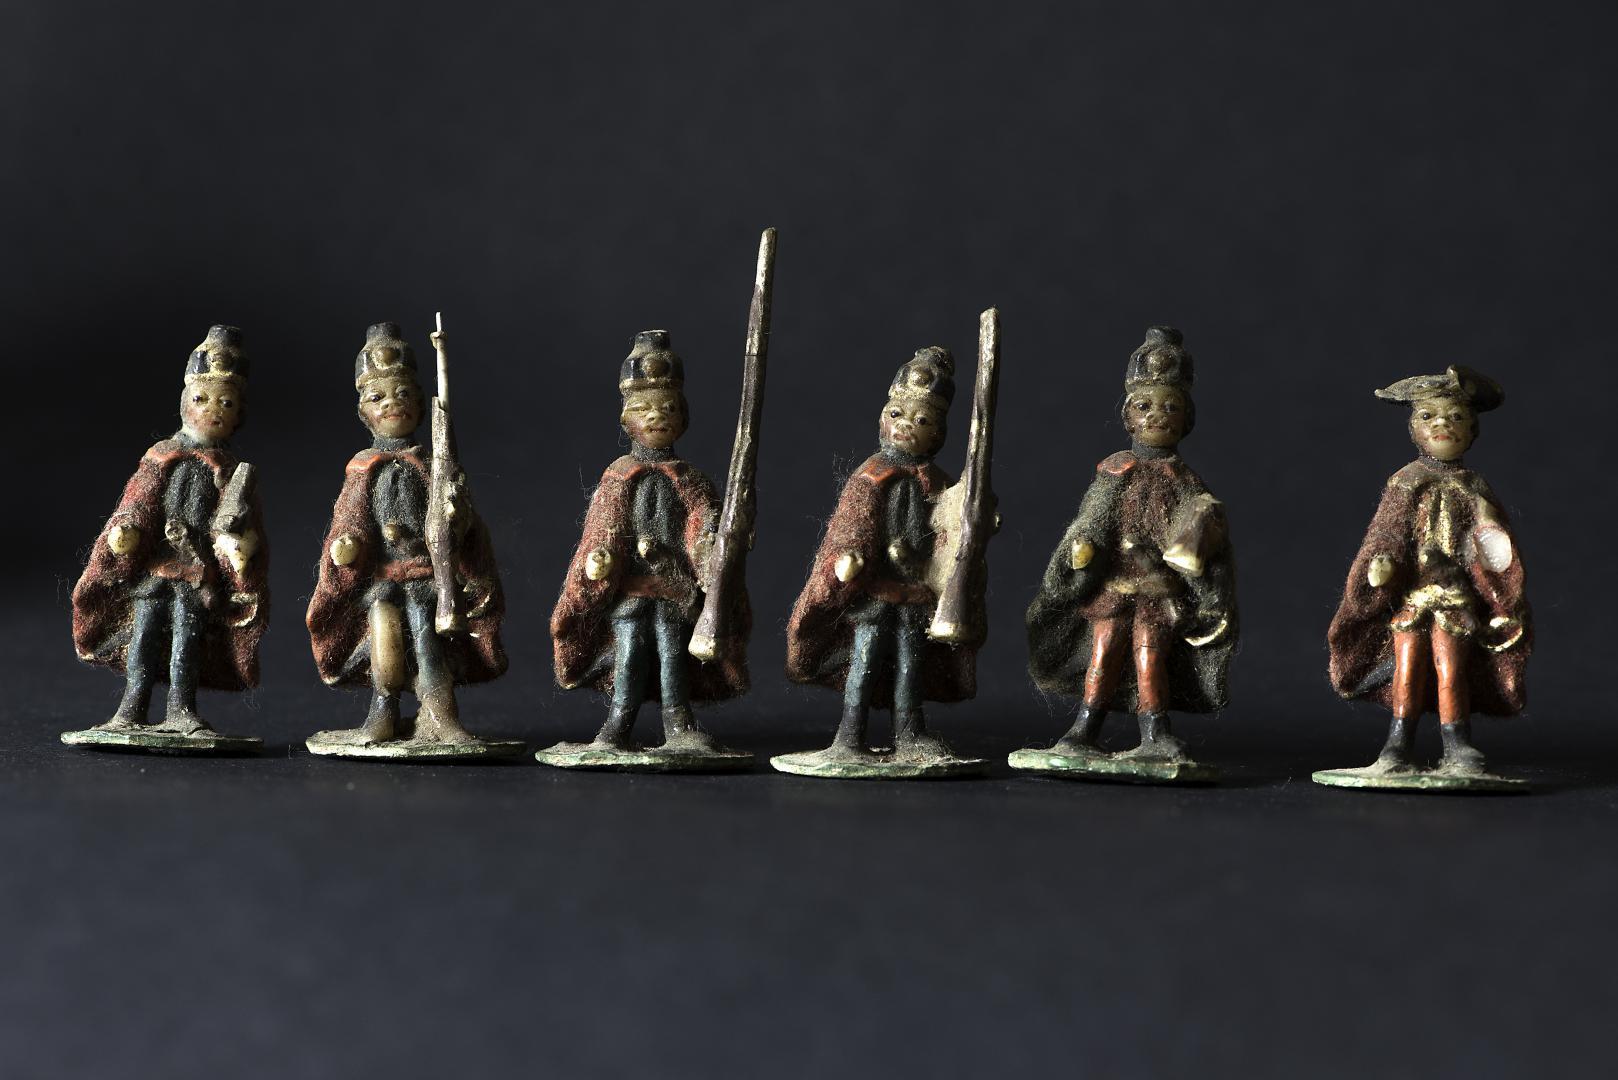 Weihnachtsschmuck Wachs<br>Soldaten Ende 18. Jahrhundert